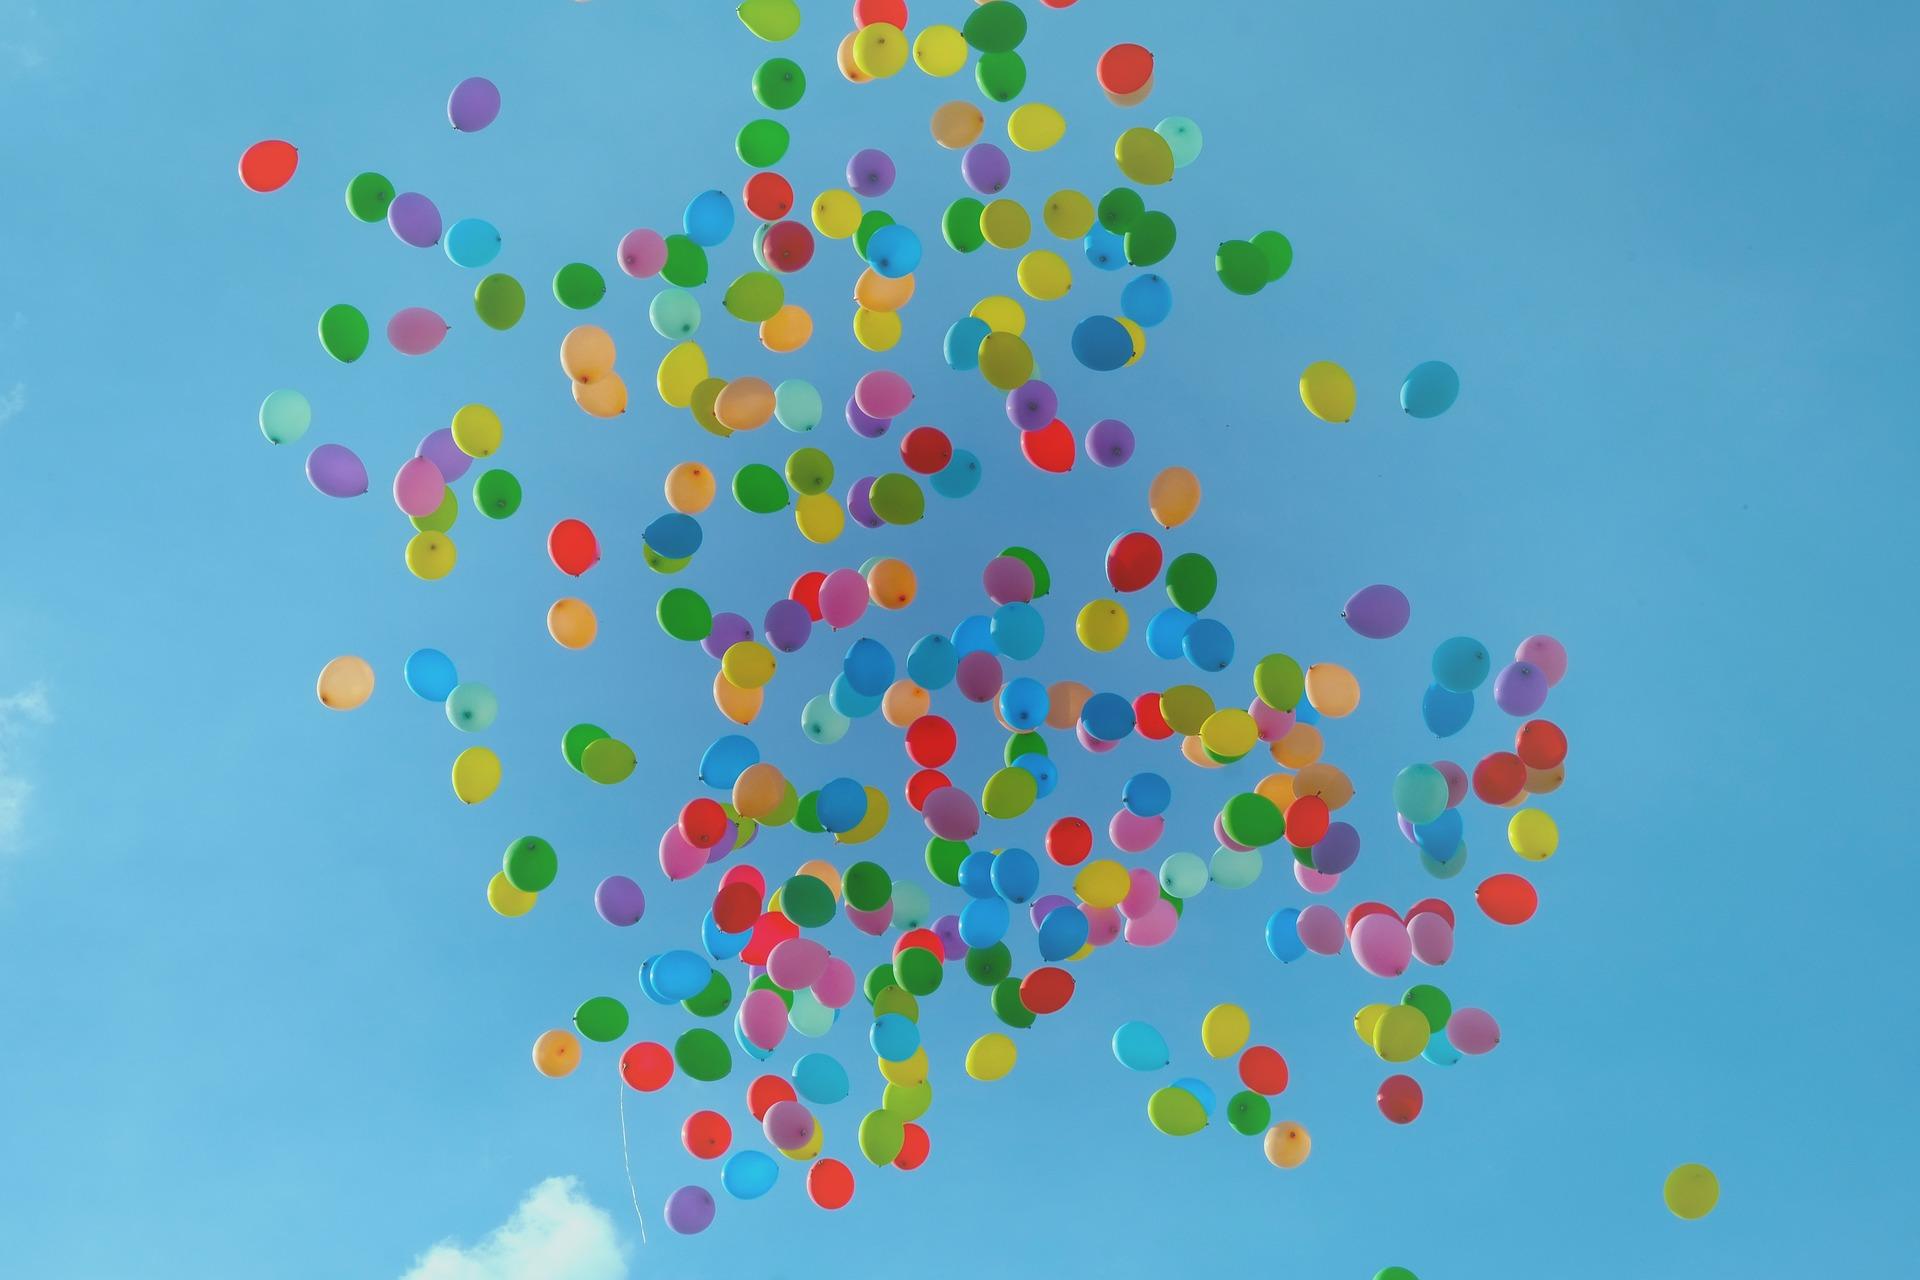 Massor med ballonger som svävar iväg mot en blå himmel